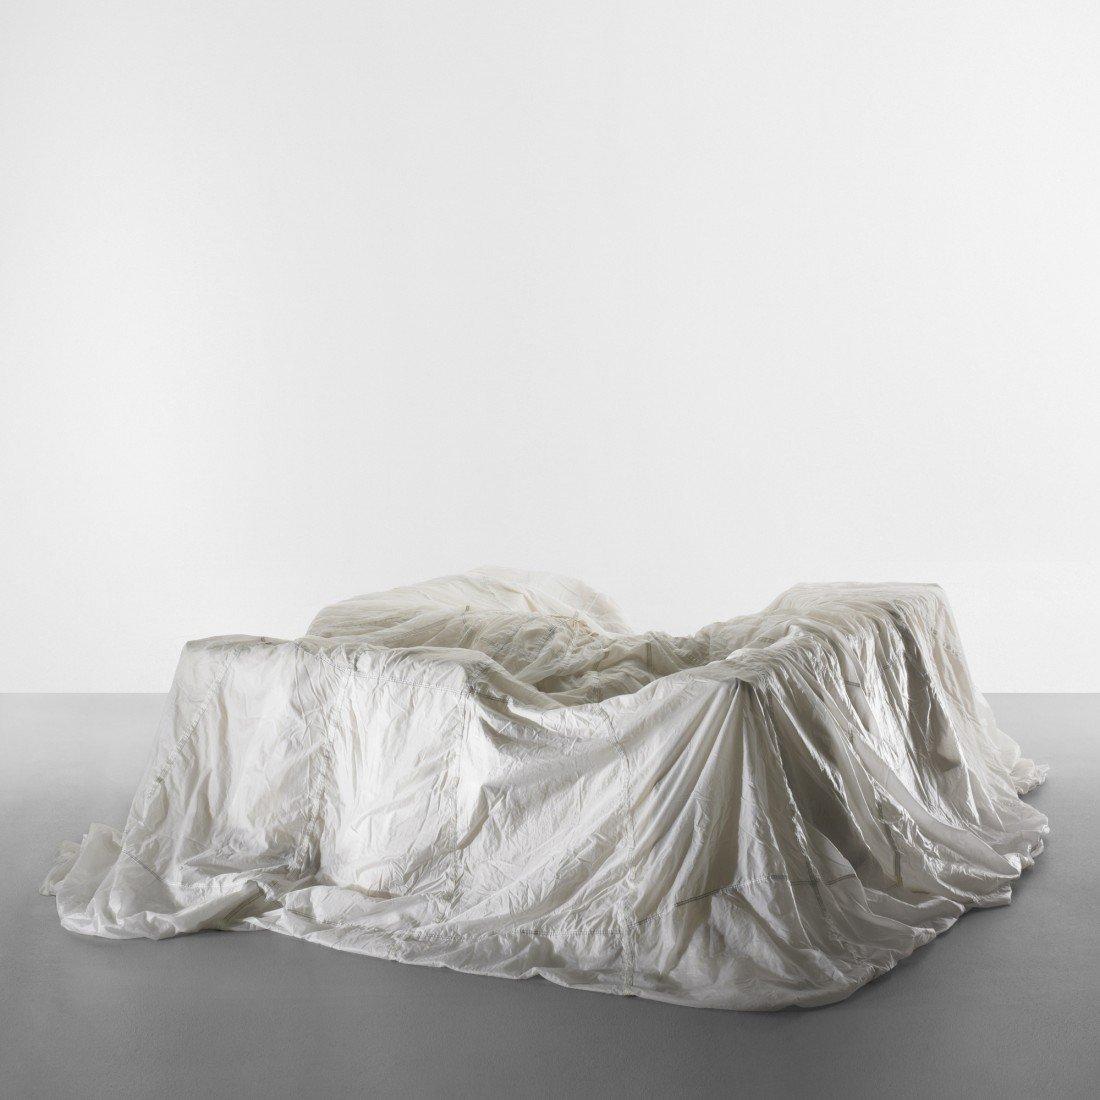 333: John Chamberlain Sofa